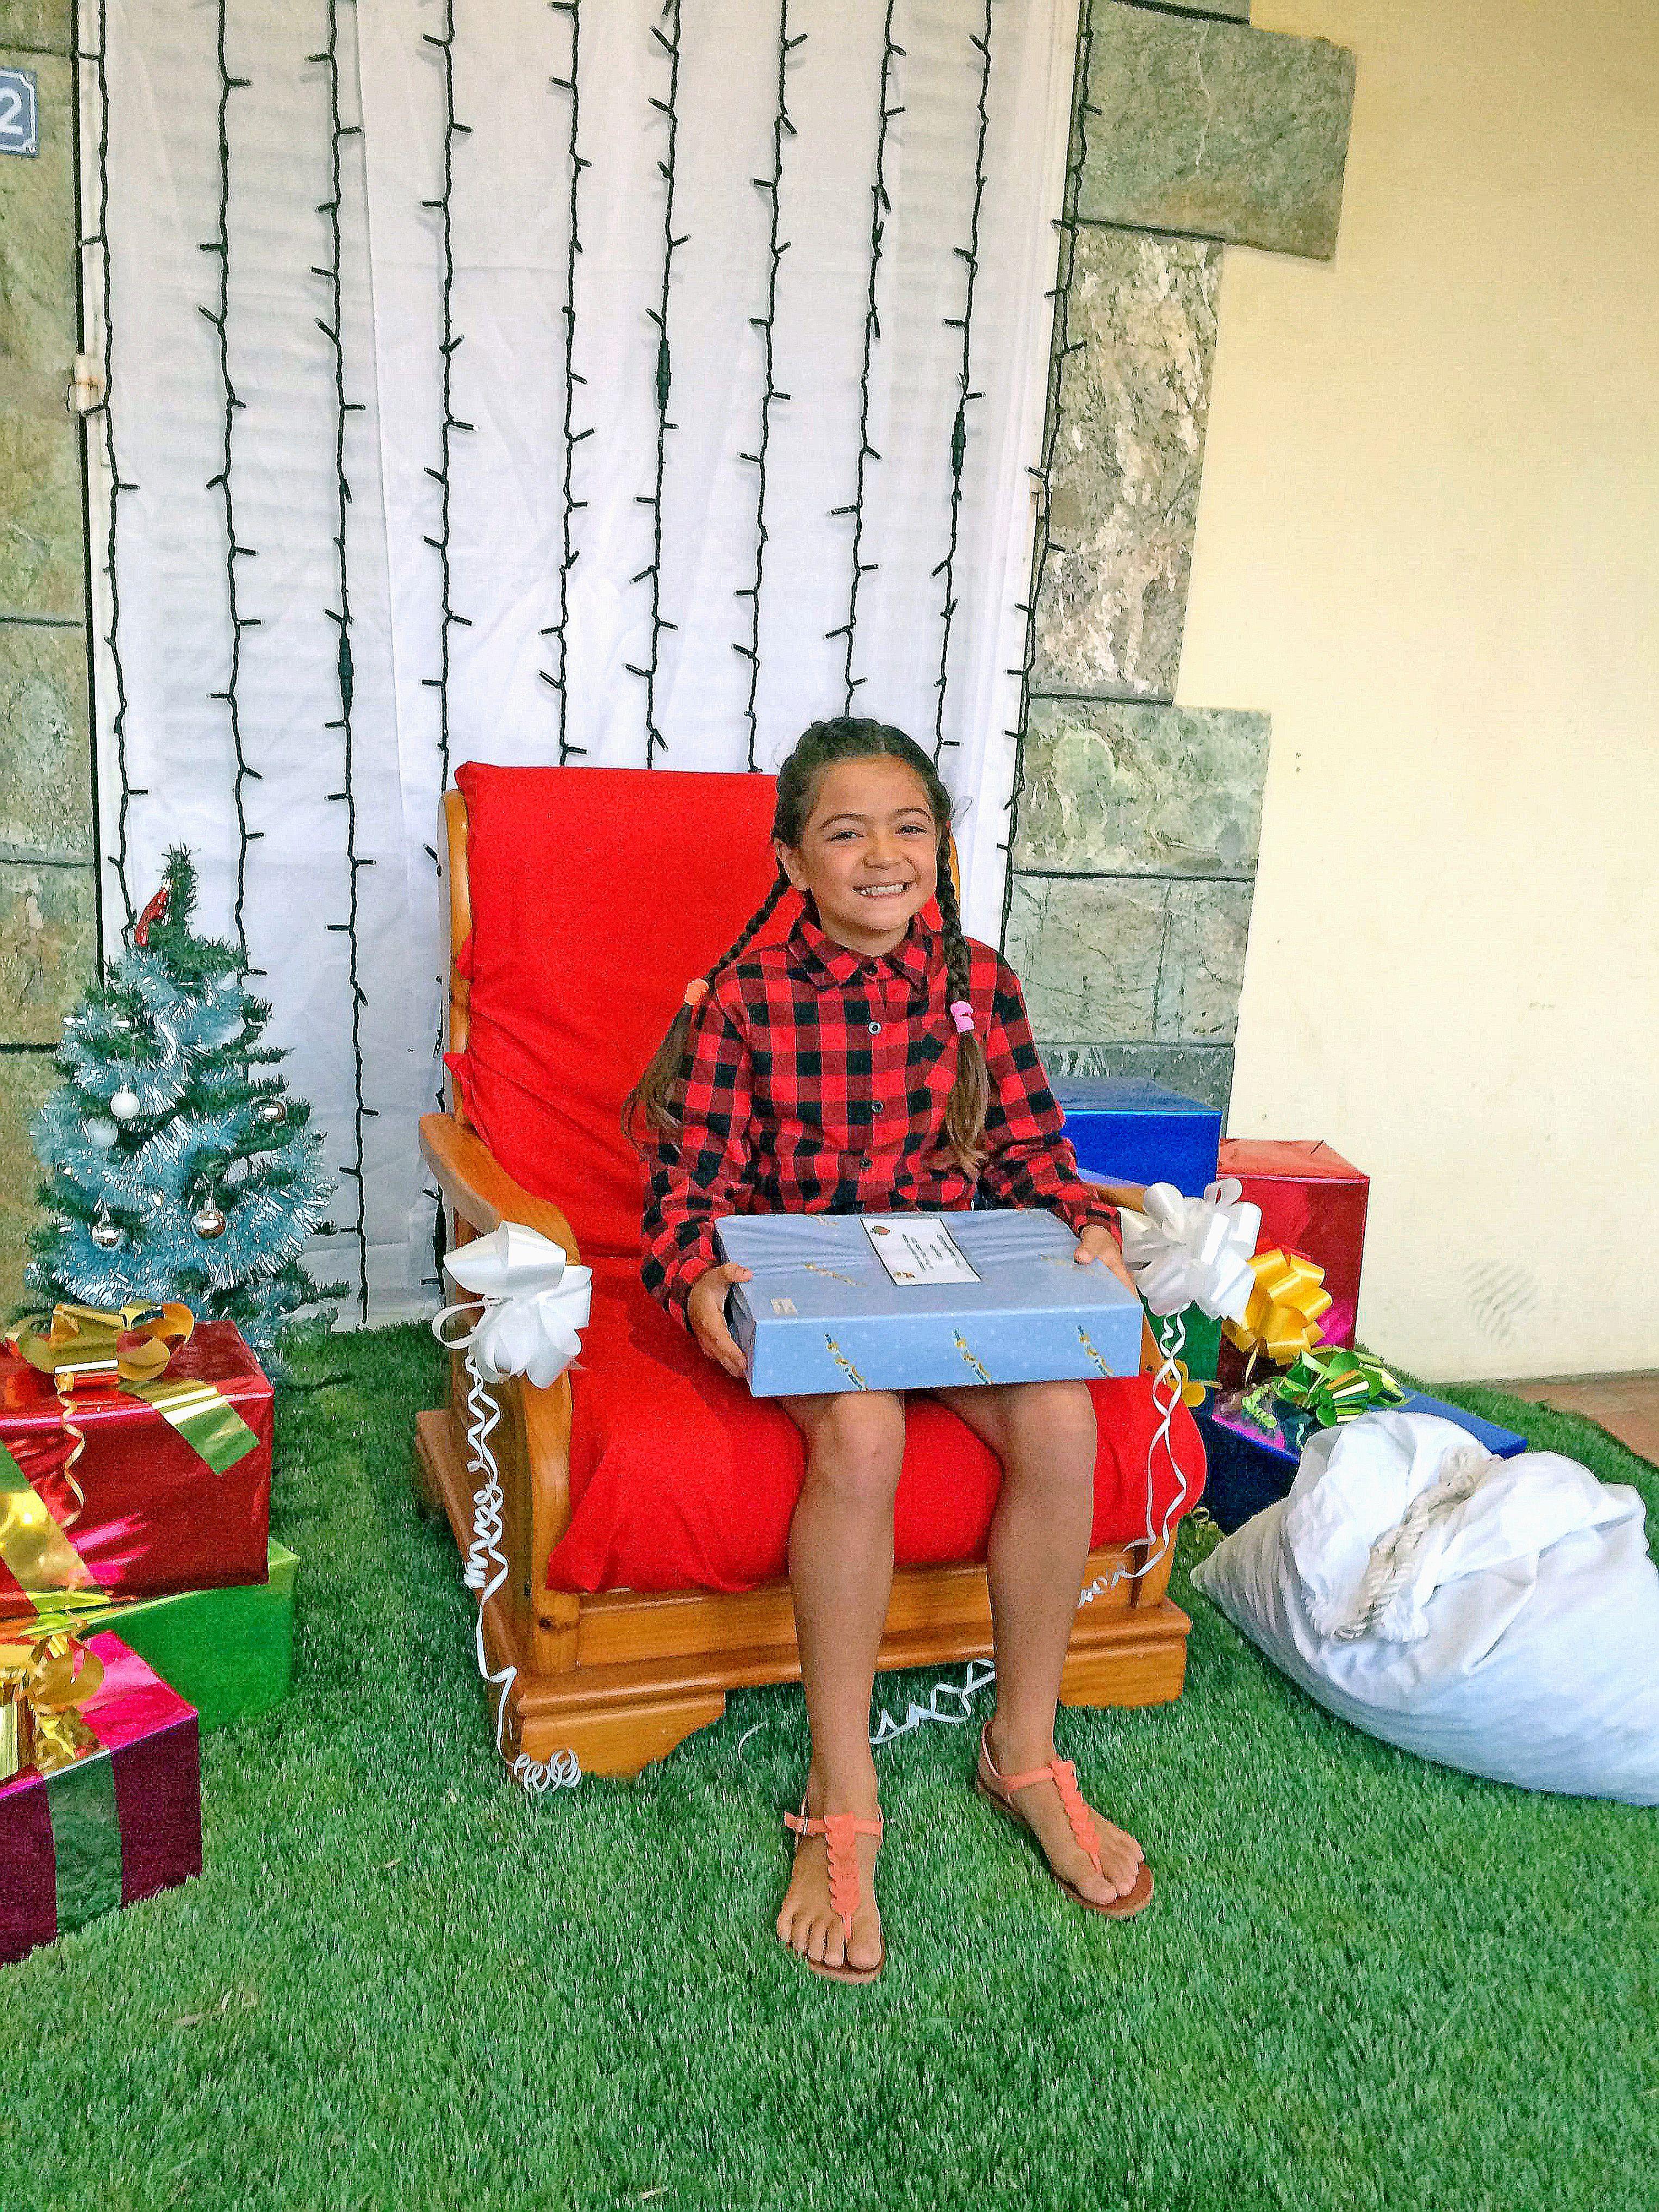 Plusieurs concours ont eu lieu pour ces fêtes à Pouembout : la maison la plus illuminée, la plus belle lettre et le plus beau dessin au père Noël. La gagnante, dans la catégorie 8 ans, pour le concours de la plus belle lettre est Hannah Marlier. Les gagna